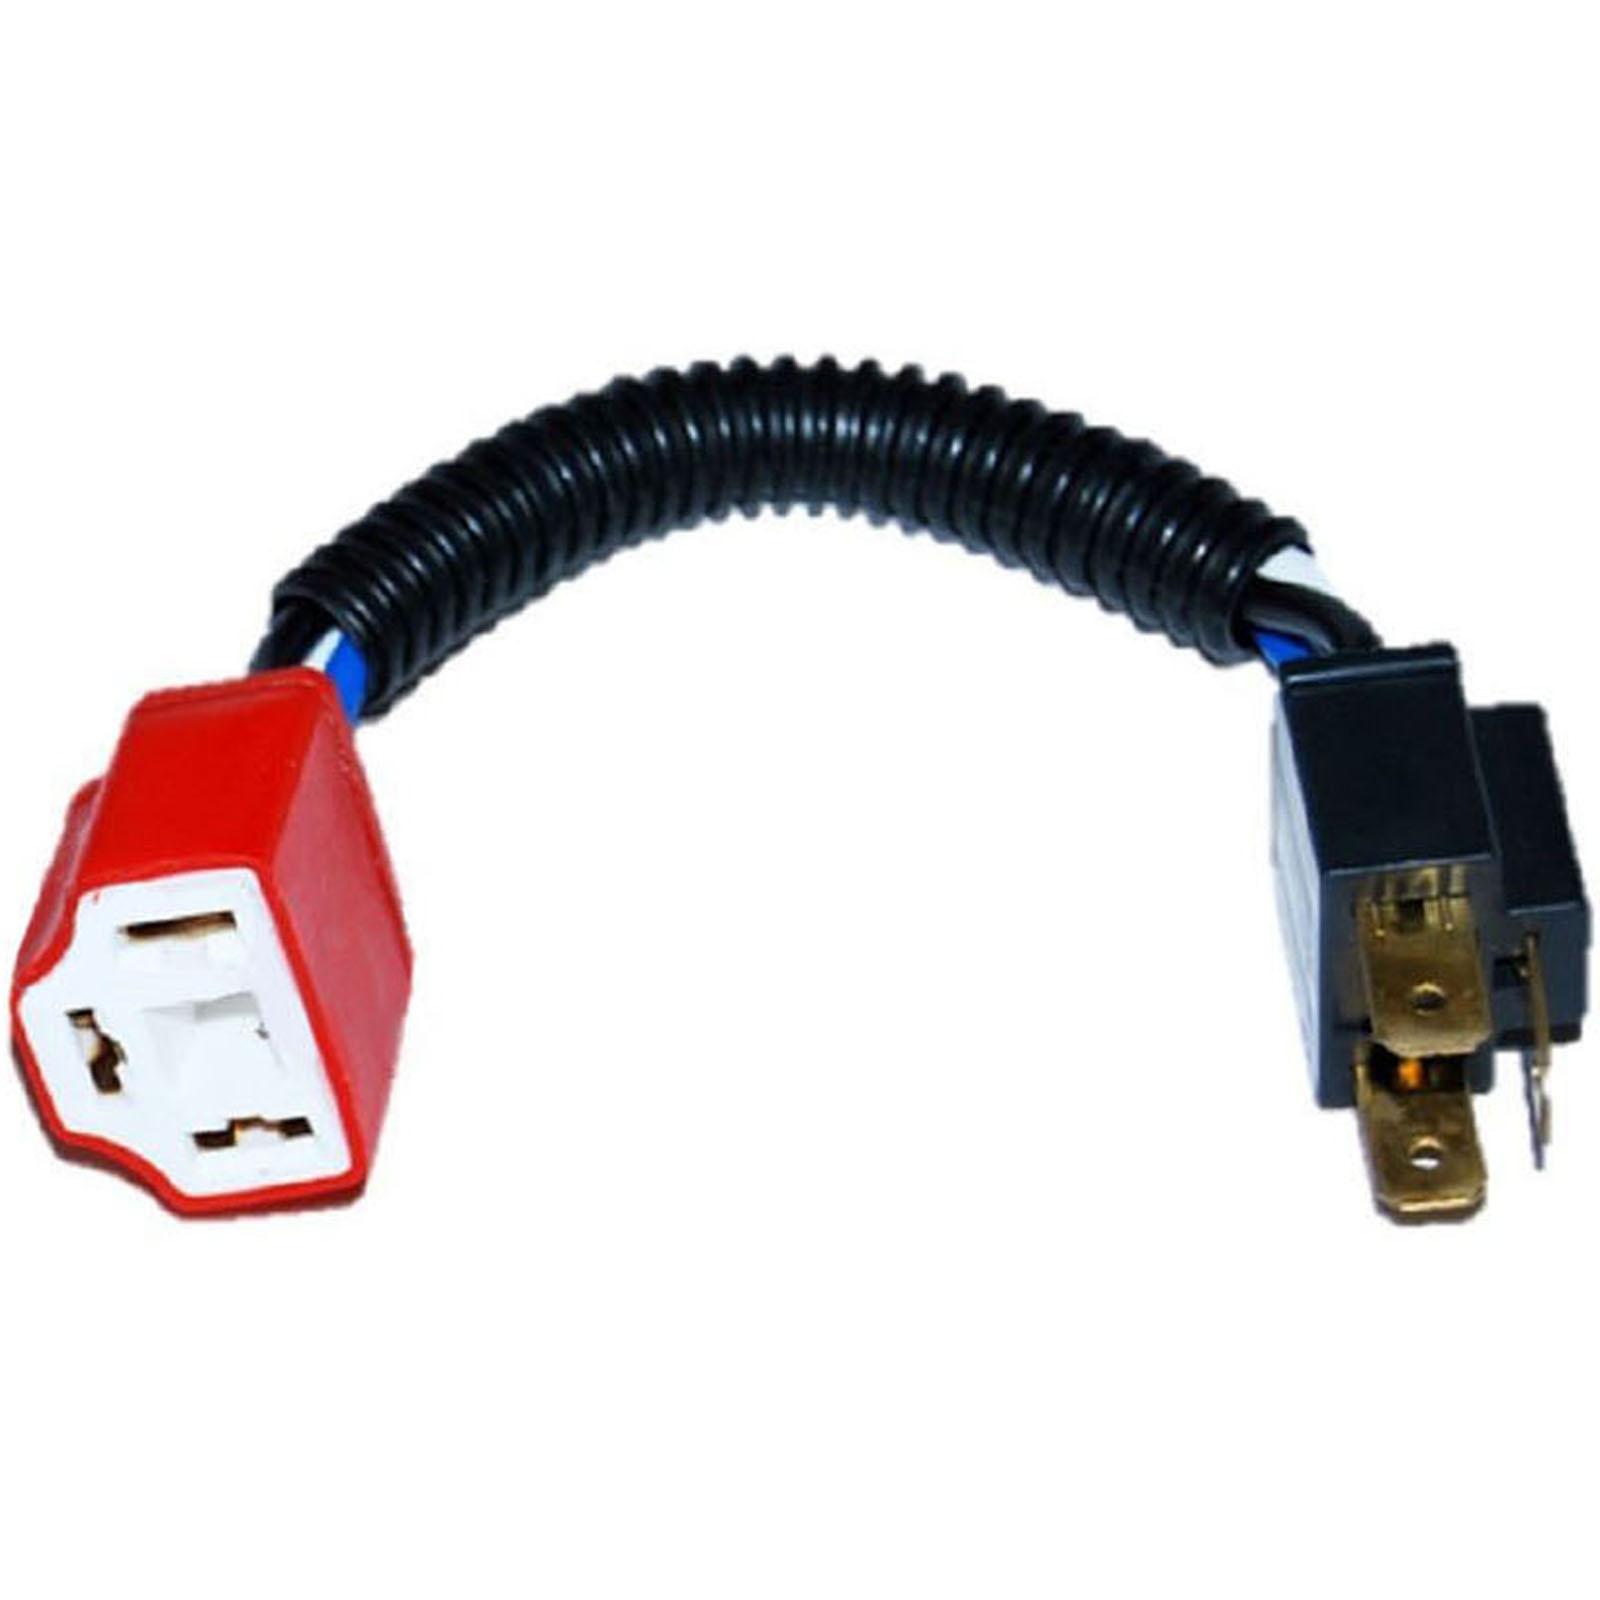 Ceramic H4 Hi Heat Headlight Headlamp Light Bulb Wiring Harness Socket Plug 4x6